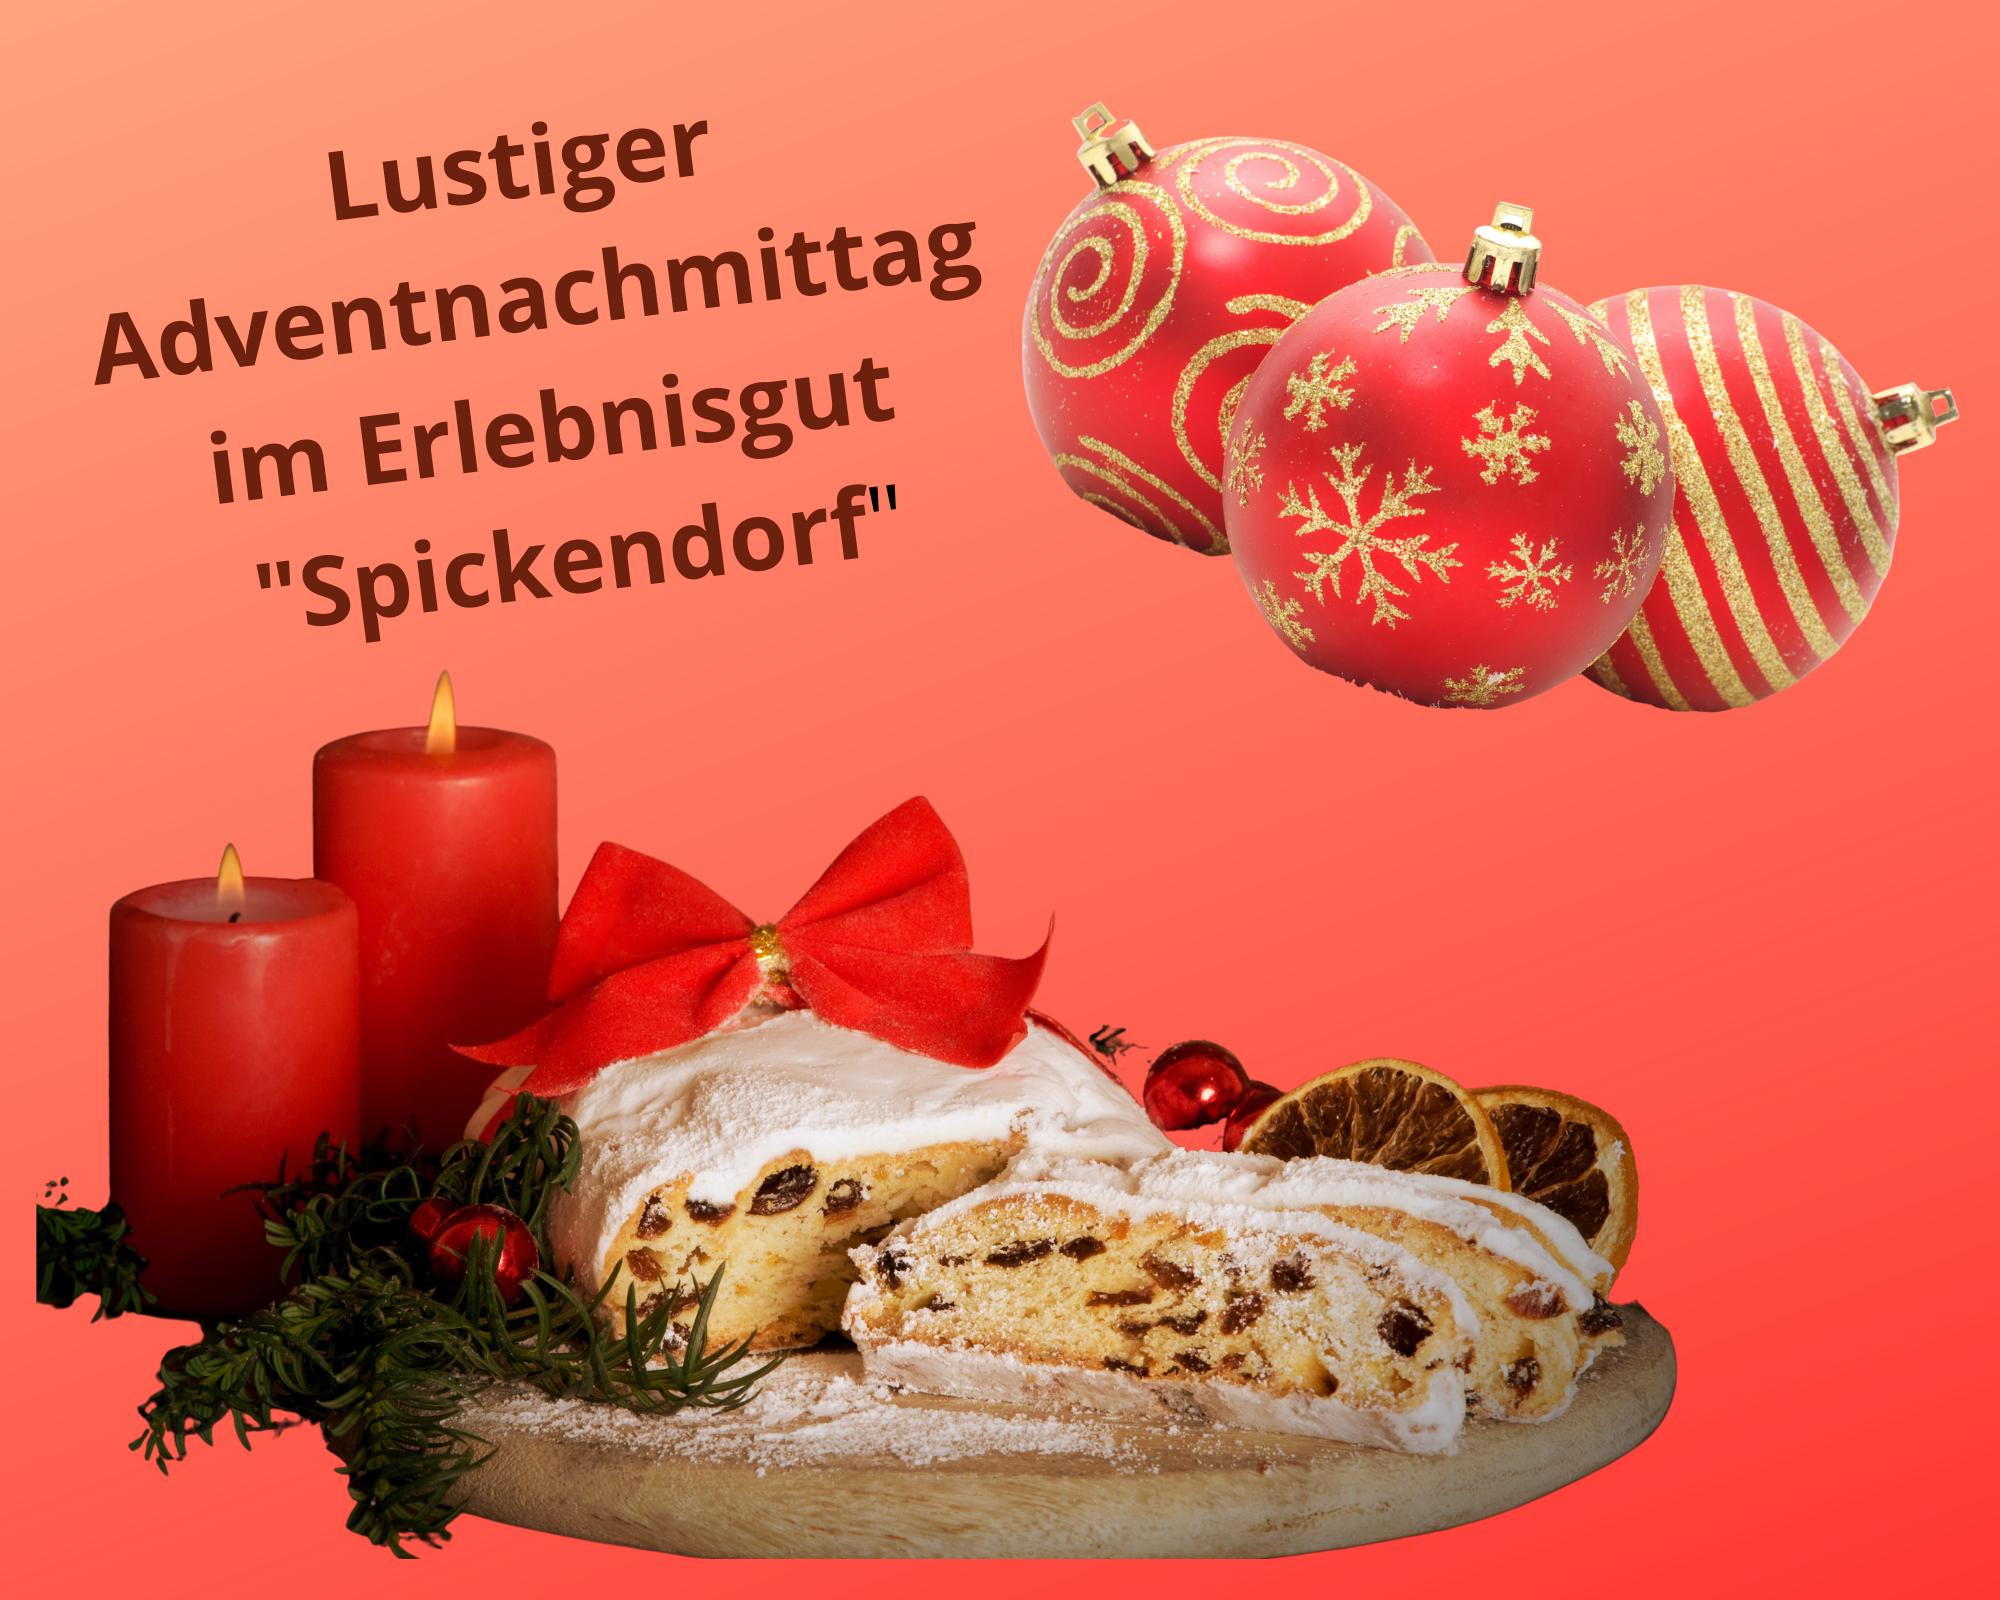 """Lustiger Adventnachmittag mit Marktfrau Regine im """"Erlebnisgut"""" Spickendorf am 30.11.2021"""